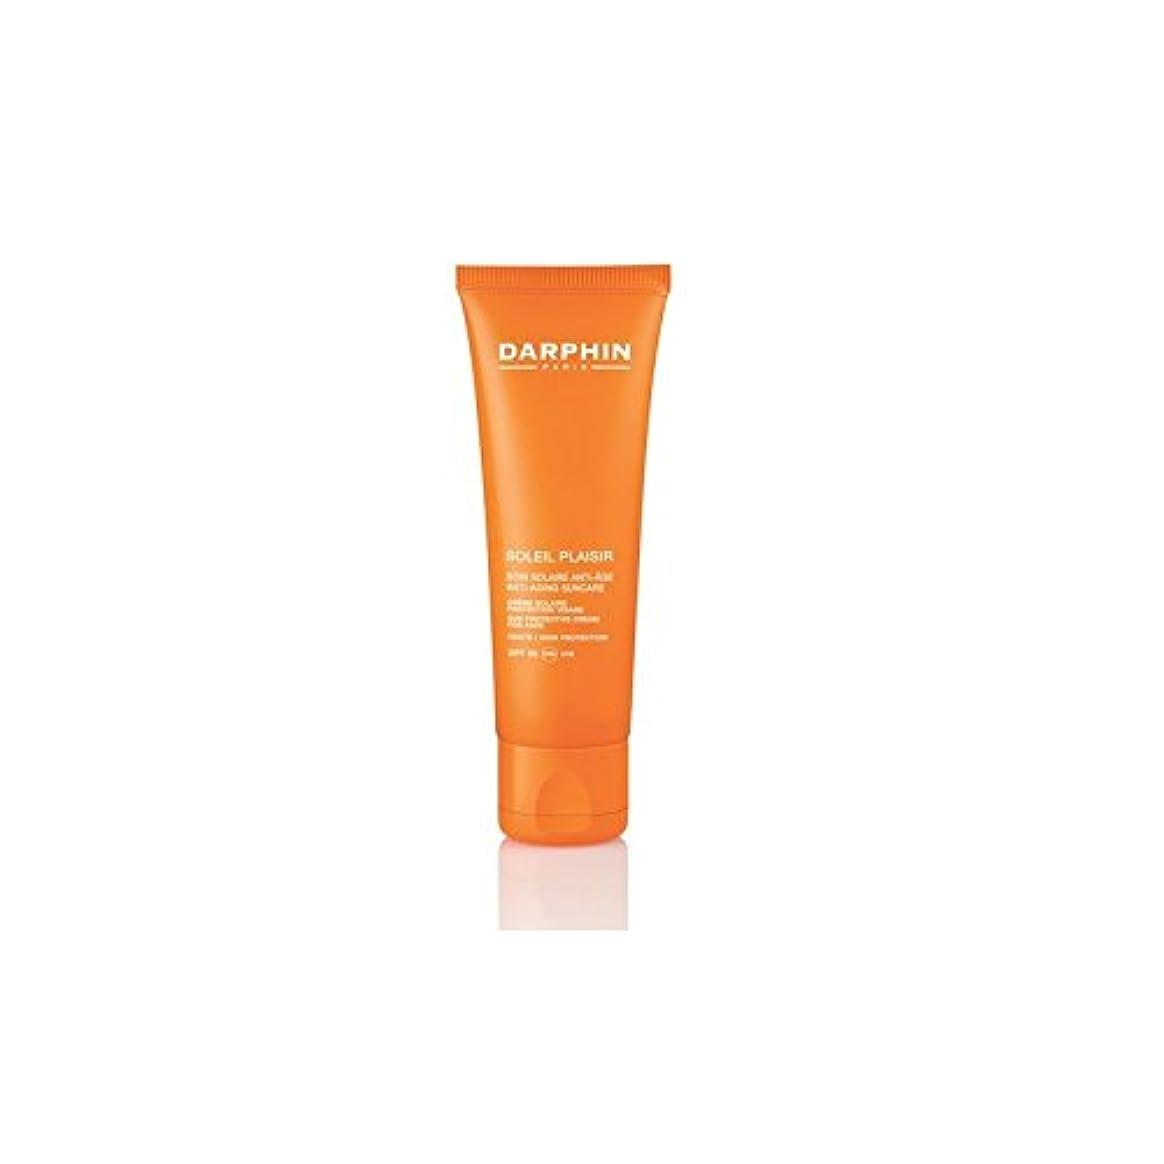 圧倒的圧倒的完璧なDarphin Soleil Plaisir For Face Moisturiser Spf50 (50ml) - 顔の保湿用50用ダルファンソレイユのプレジール(50ミリリットル) [並行輸入品]